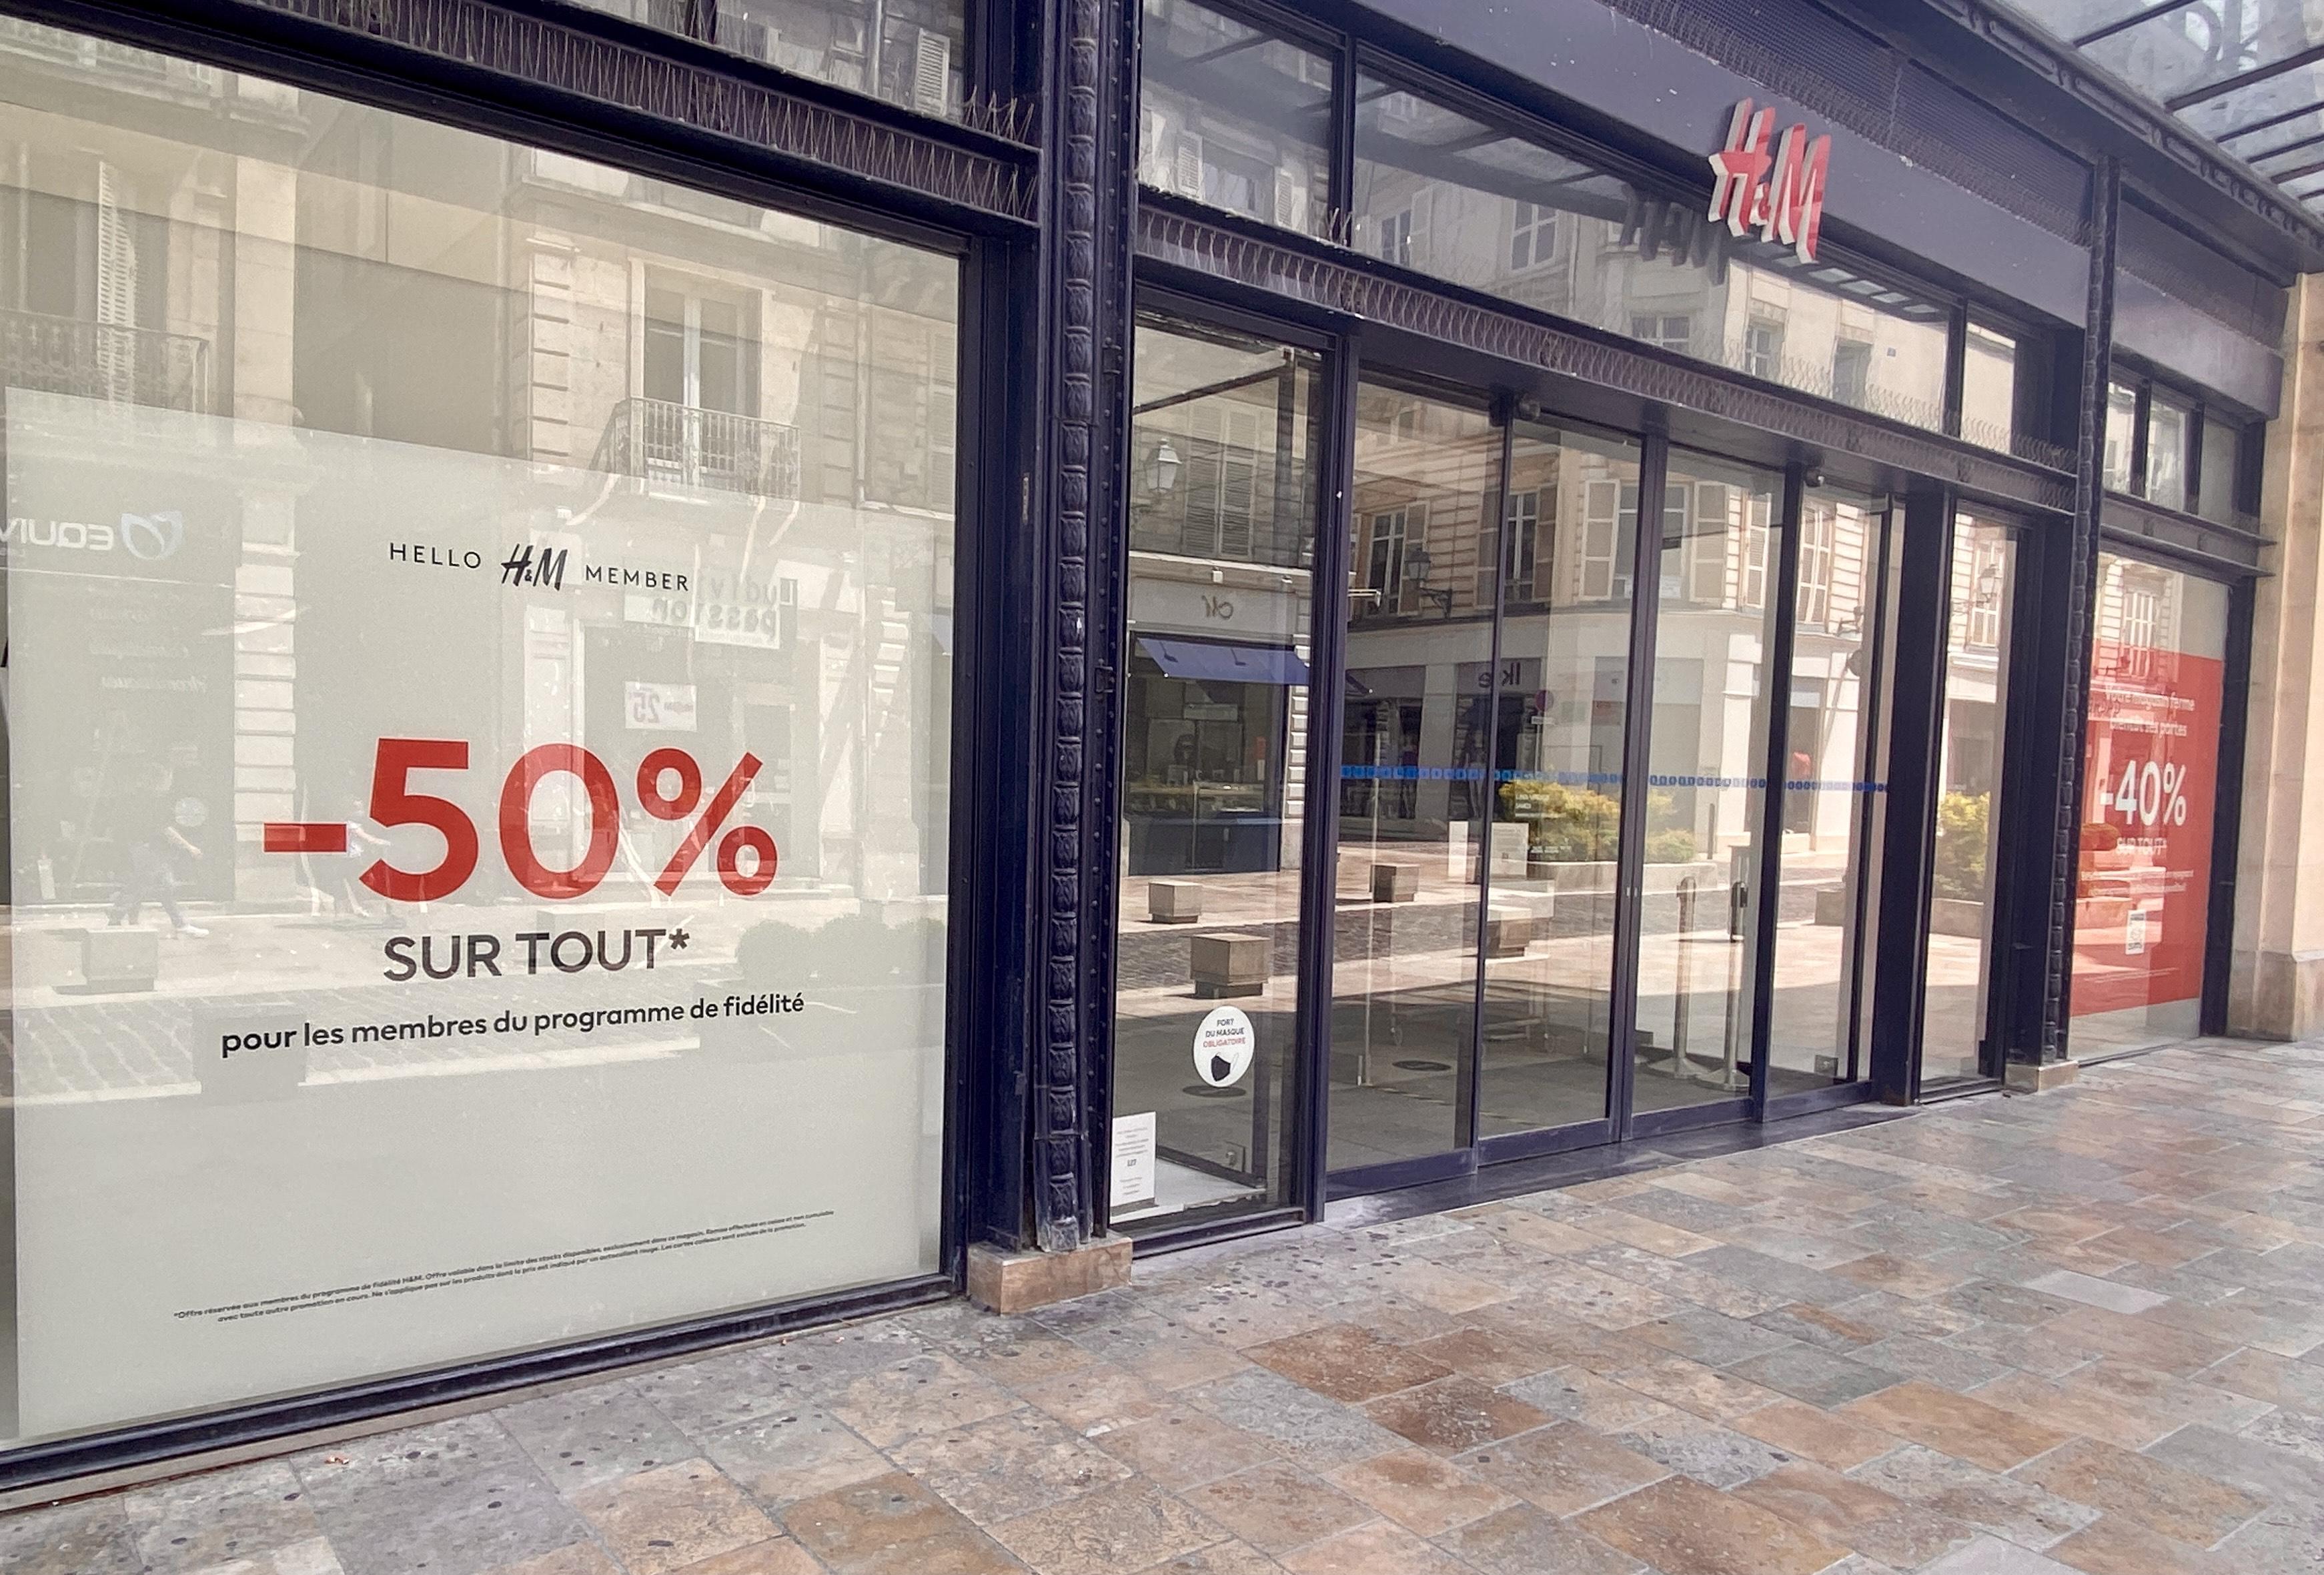 [Membres] 50% de réduction sur tout le magasin H&M - Troyes (10)